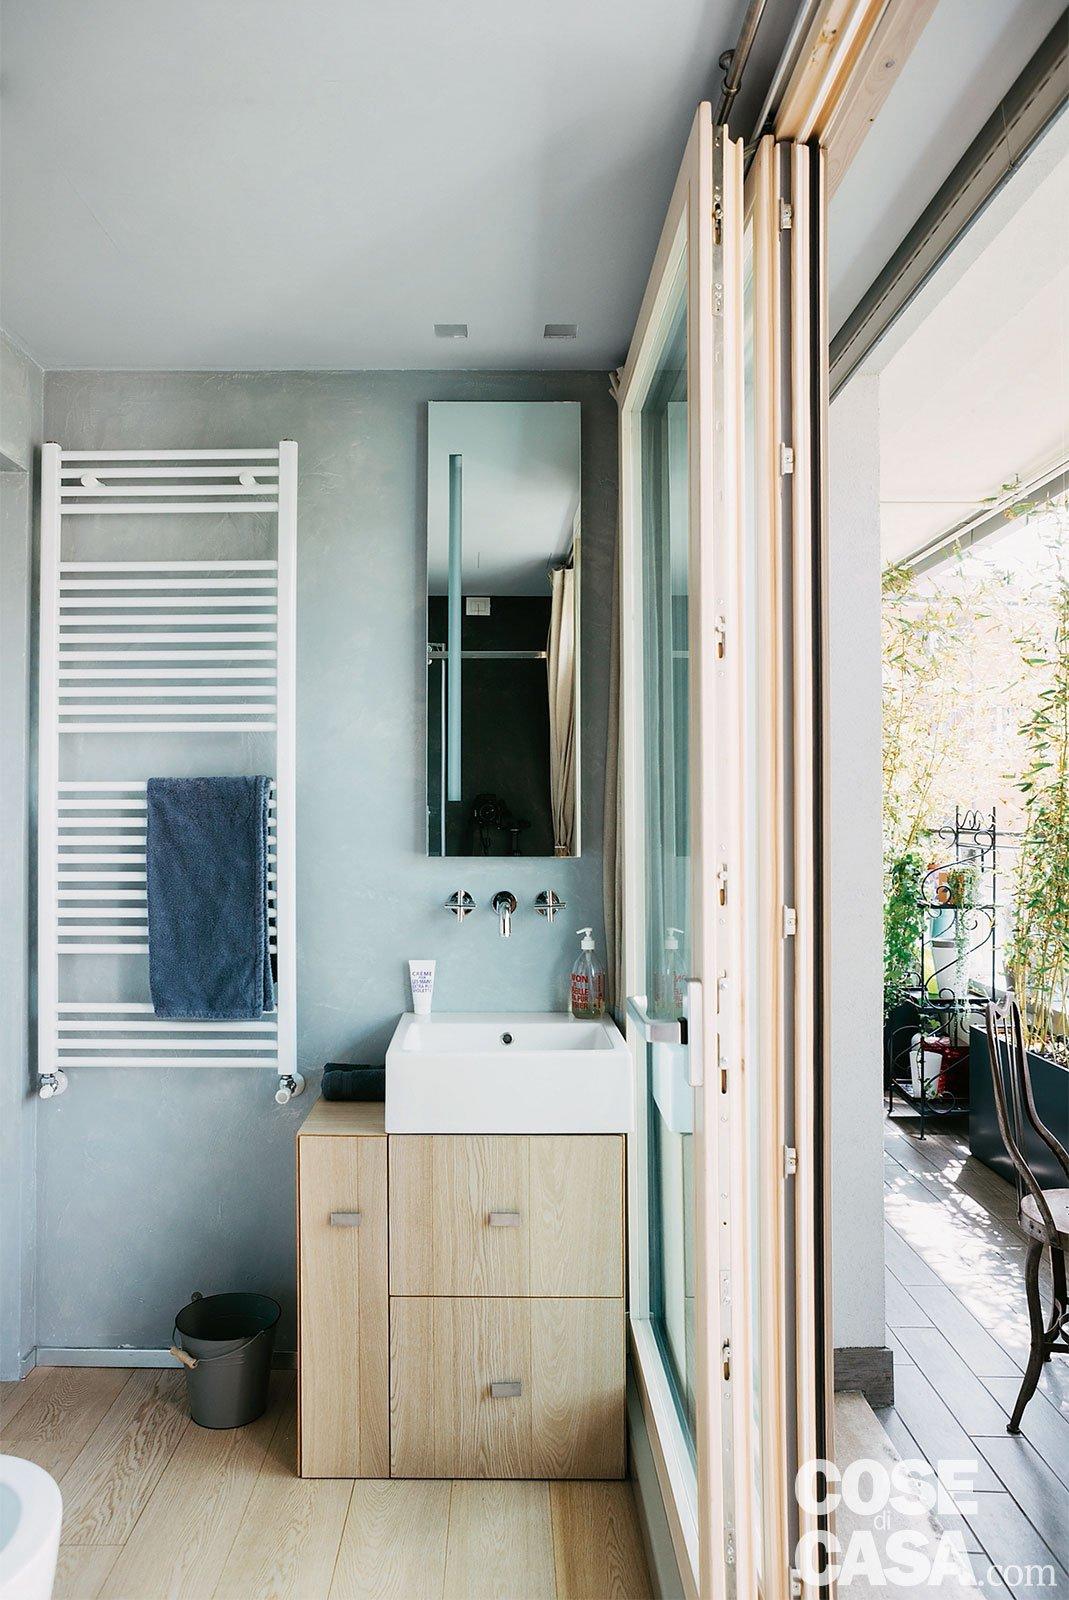 Bagni per abitazioni dove i normali sollevatori per abitazione falliscono proprio in bagno con - Bagni chimici per abitazioni ...